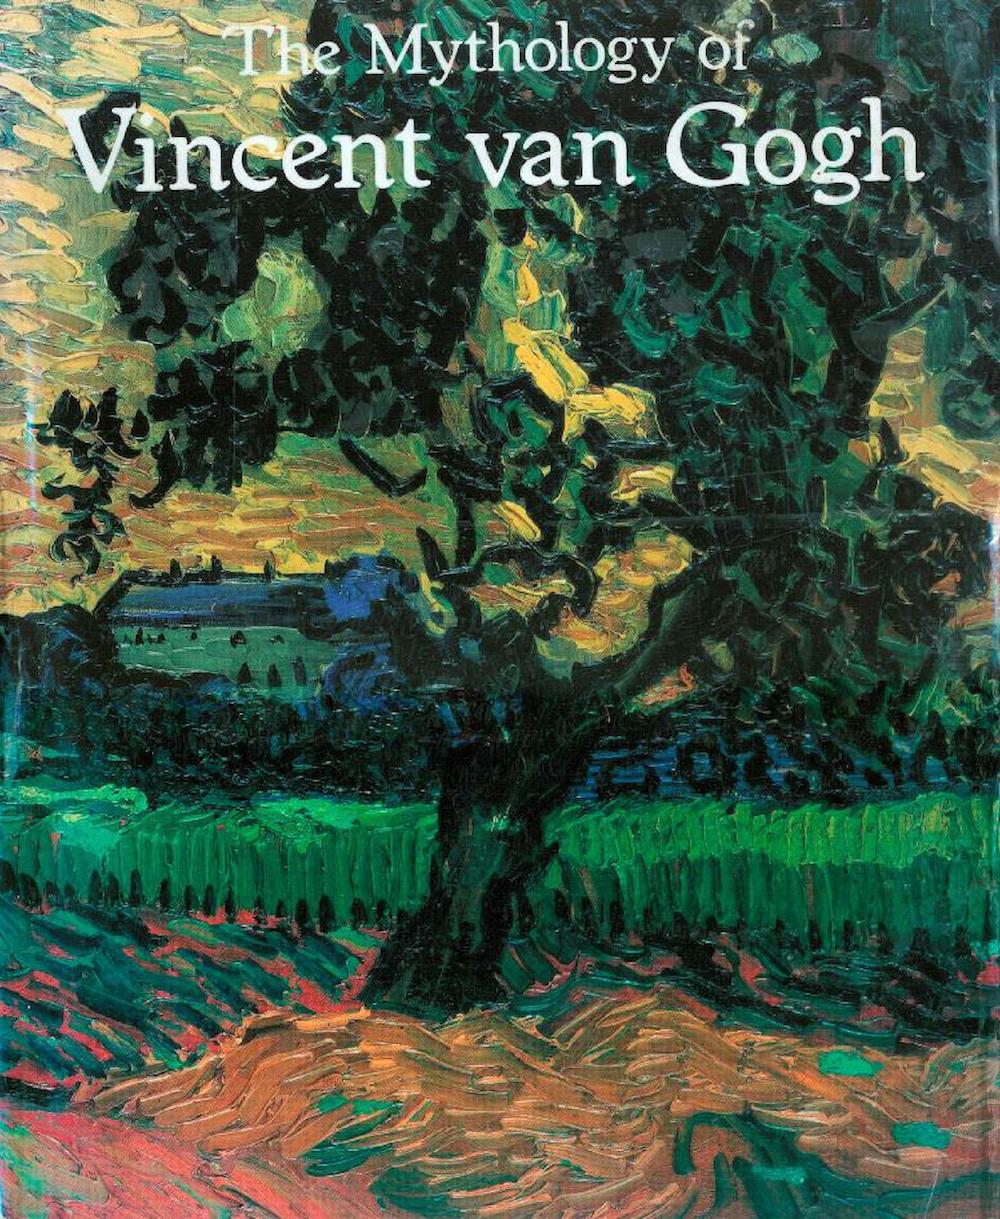 """陳錦芳一幅非常有名的作品「梵谷 歸來」被彩色跨頁印刷到這本有關 梵谷非常重要而多面向的藝術研究 專書。「梵谷的神話」(461頁, 1993年,日本朝日電視公司出版) Inside, they gave their own interpretation of Dr. Chen's artwork: """"Whereas Hahn's Van Gogh comprises a serious statement about modern culture, the images in T.F. Chen's 'Post – Van Gogh Series' of 1990 are simply meant to amuse, the humour emerging from an amalgamation of the unlike. Chen's Vincent Coming Home! (fig. 70) is a mundane image generated by transforming objects of great art into a scene from daily life, a typically post-Modernist form of confrontation. The basis for his composition is Matisse's Harmony in Red (1908-09)."""